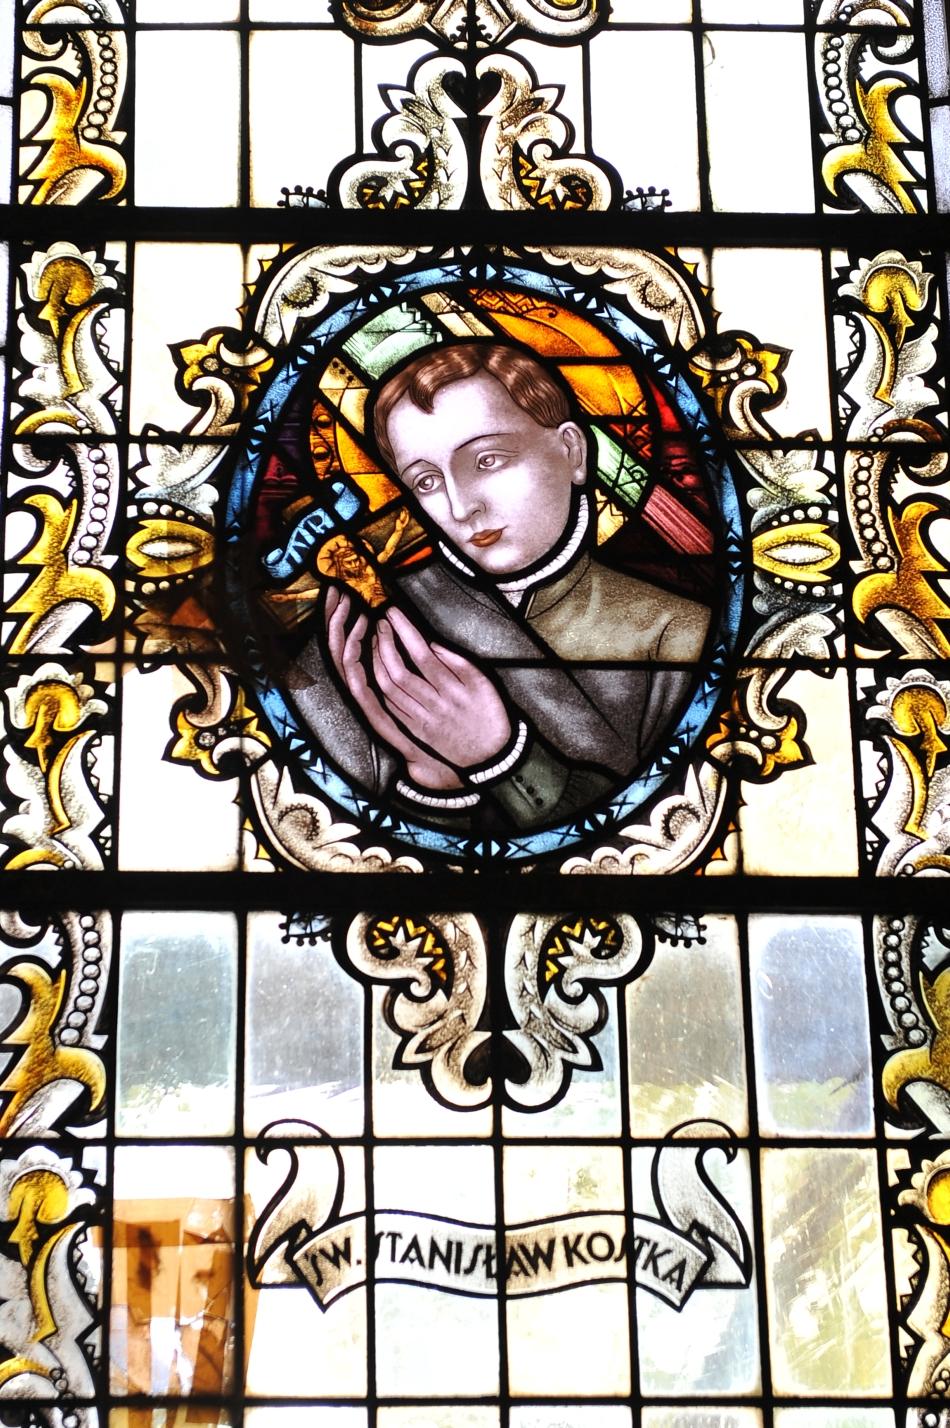 Oglądasz obraz z artykułu: Rok Świętego Stanisława Kostki